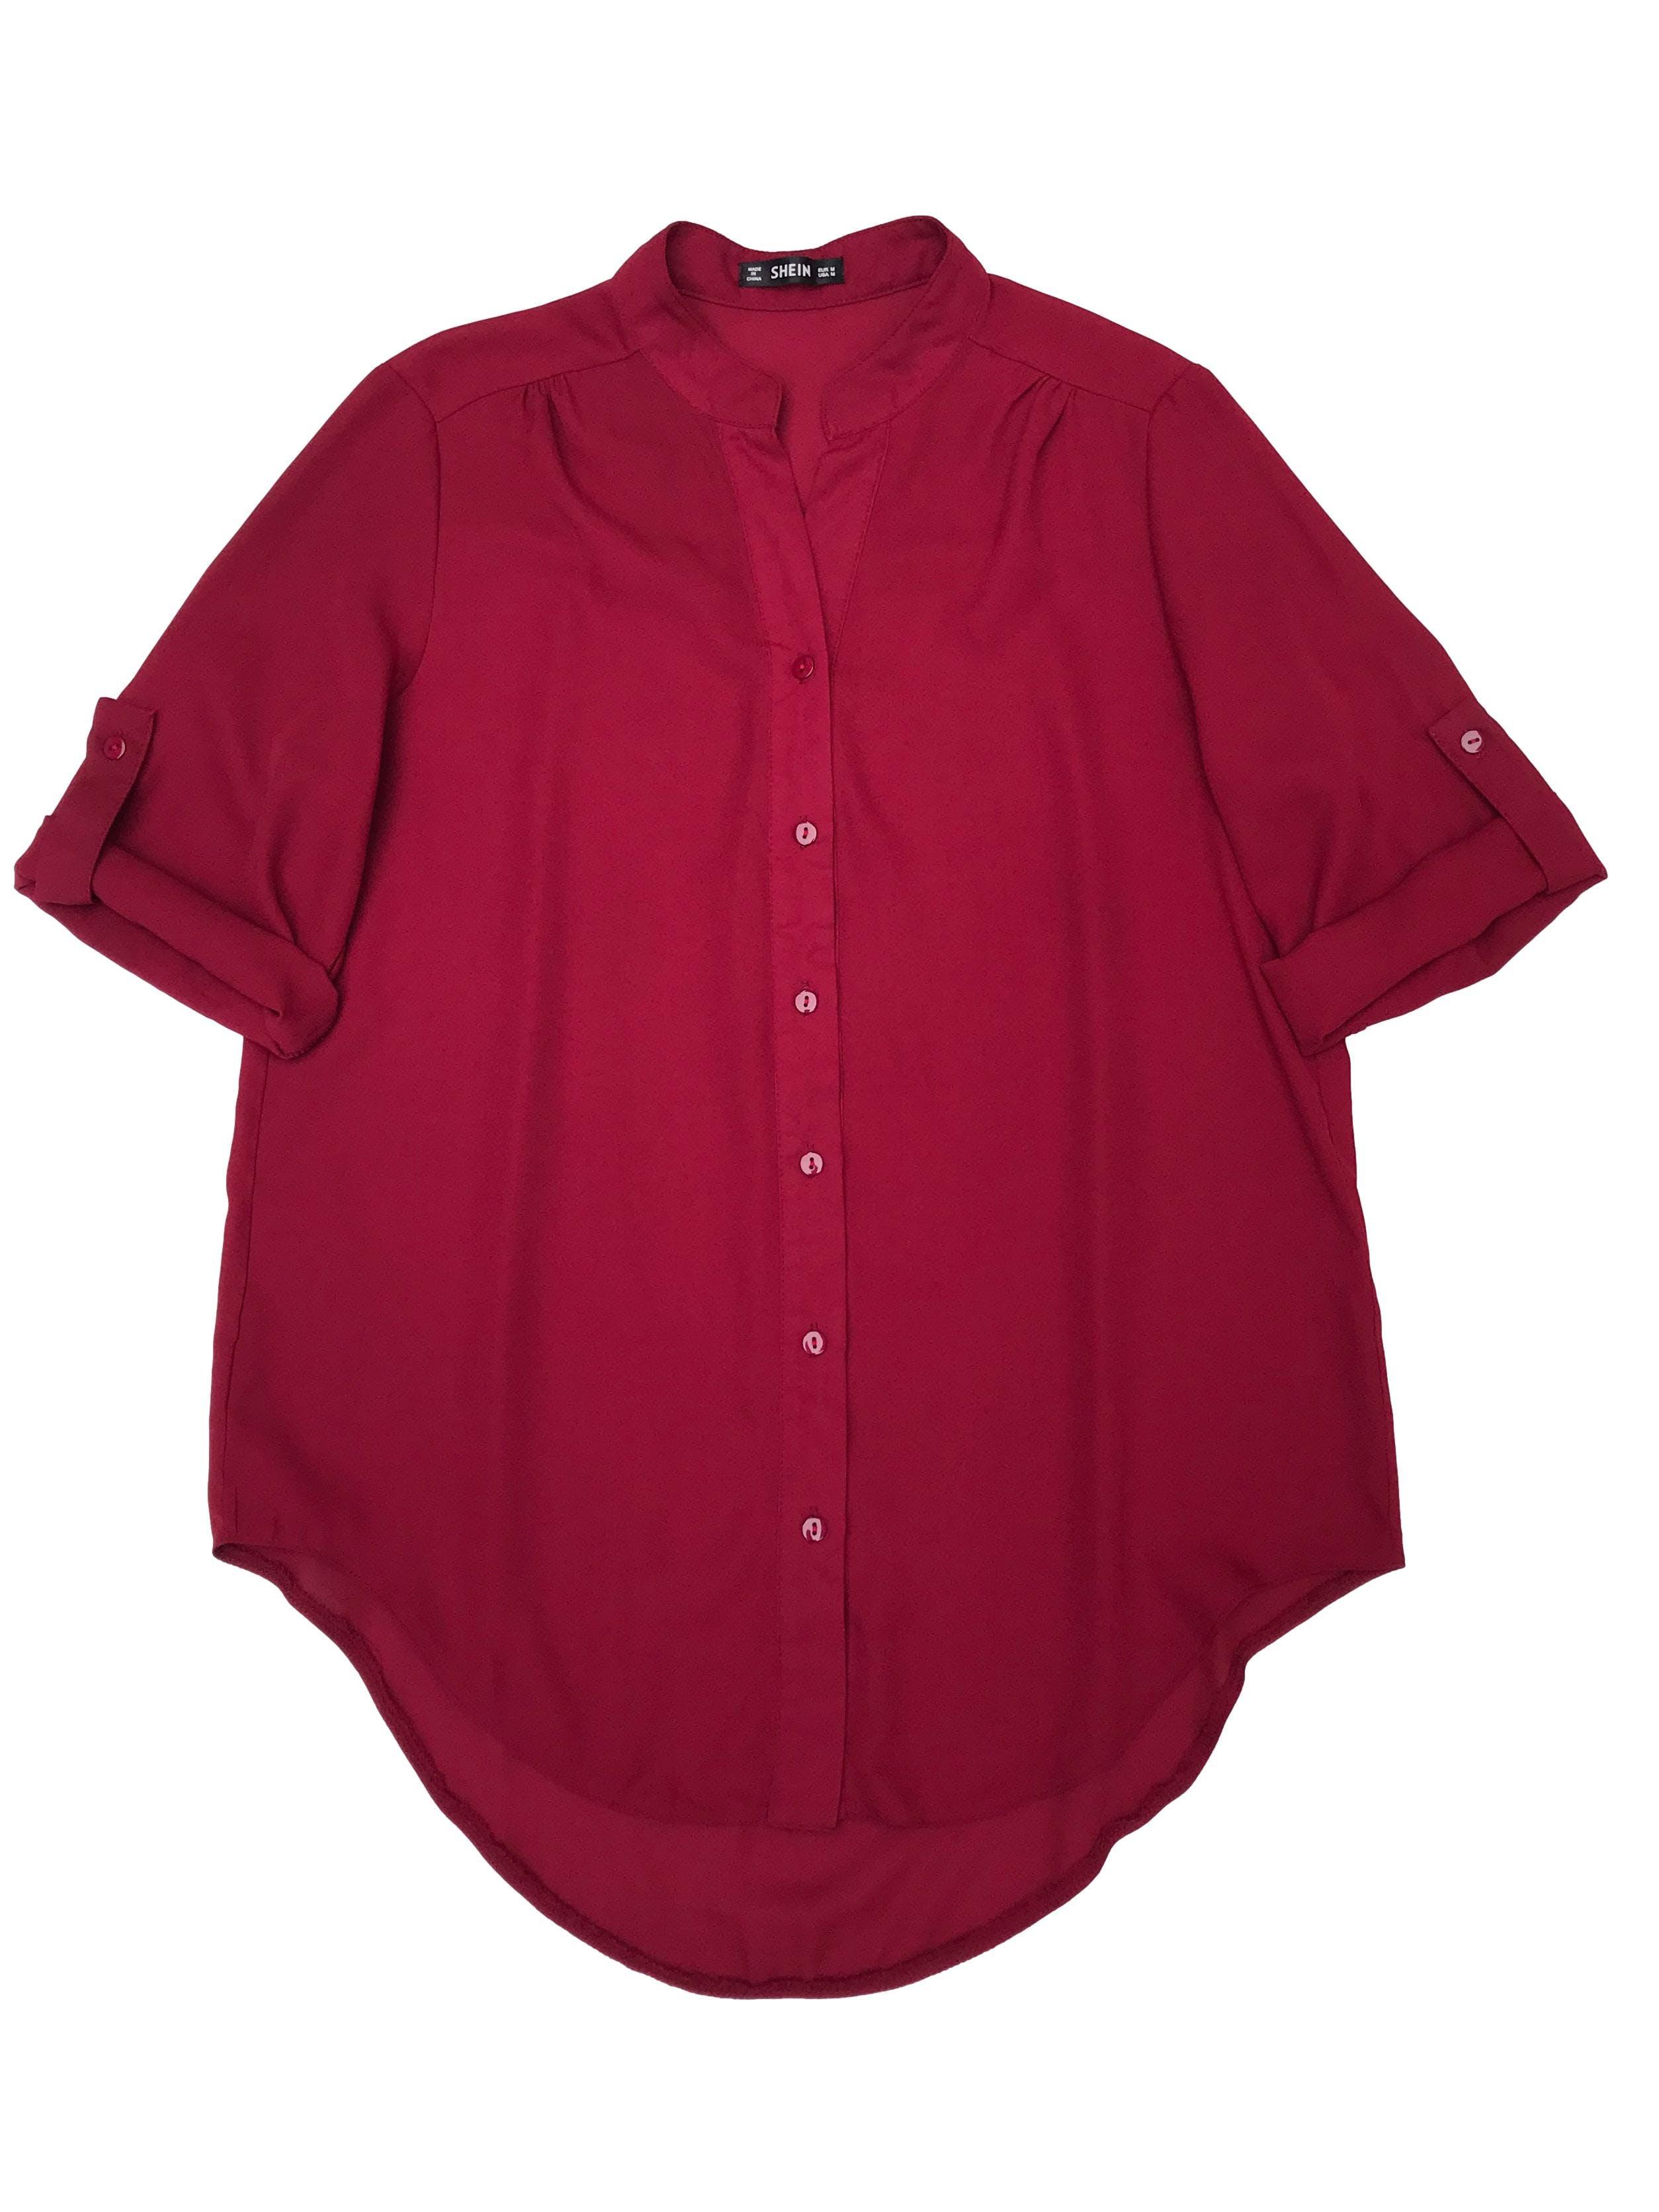 Blusa Shein de gasa guinda, cuello nerú con fila de botones delanteros, manga 3/4 regulable con botón, canesú en la espalda y basta asimétrica. Busto 102cm Largo 70cm